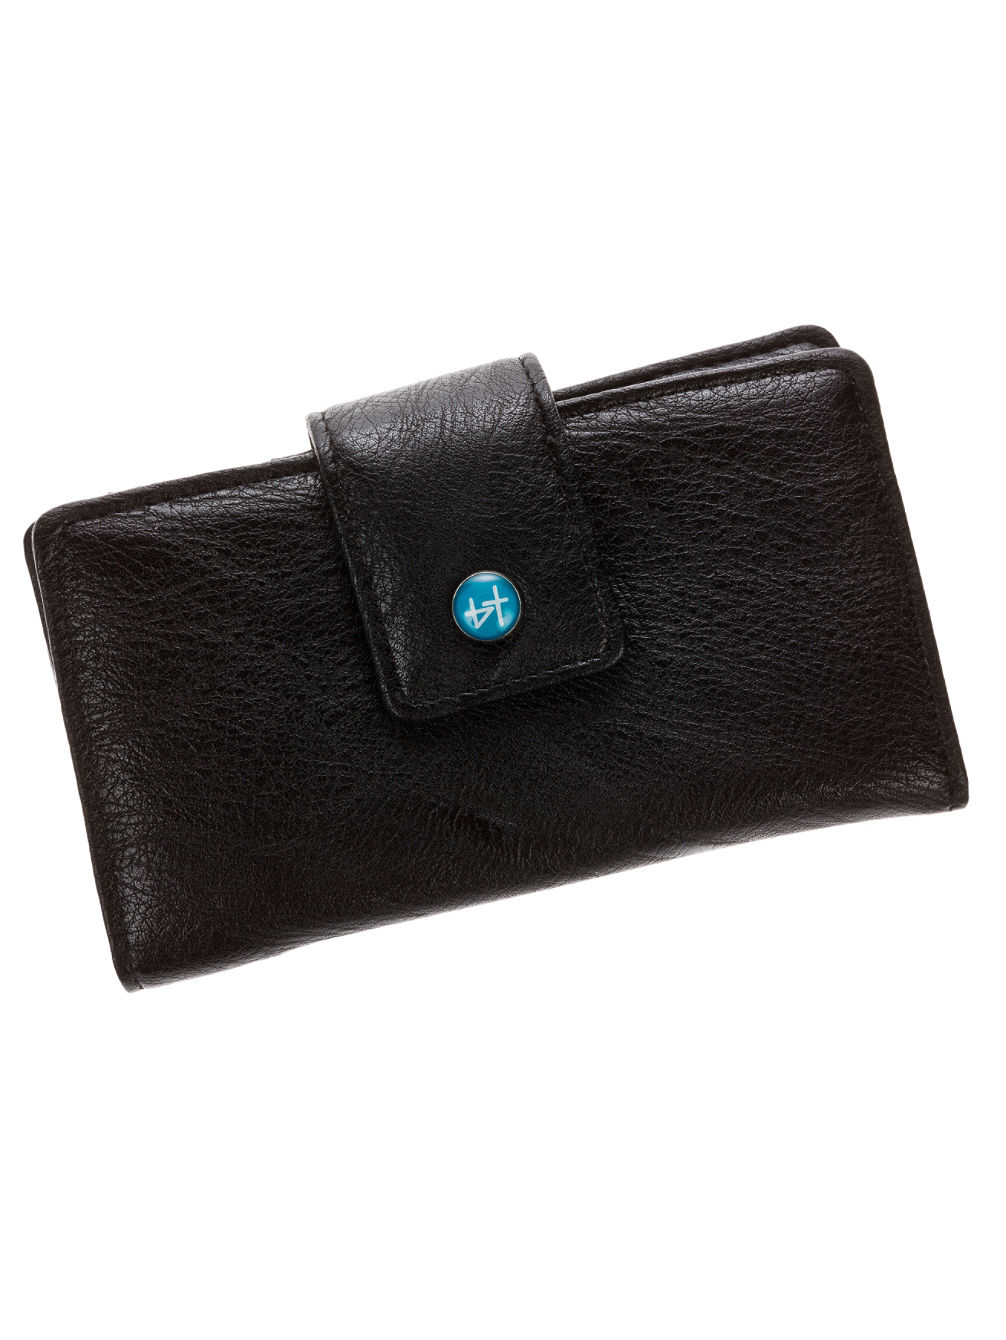 bt-wallet-pu-leather-women